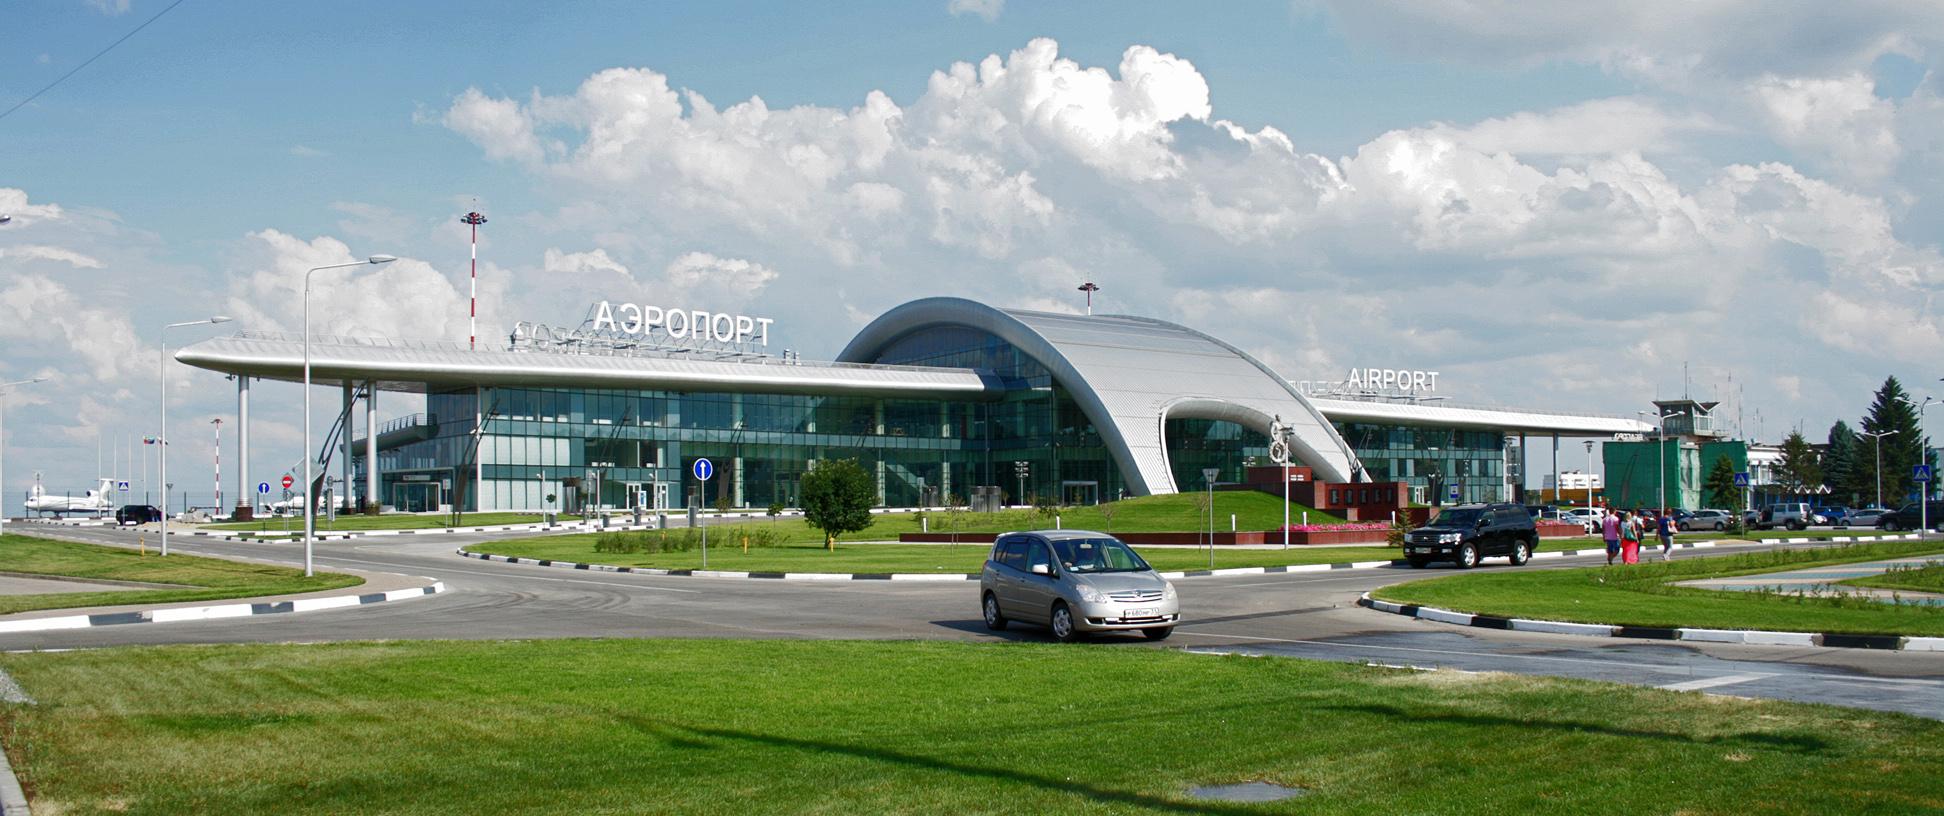 Διεθνές Αεροδρόμιο Μπέλγκοροντ